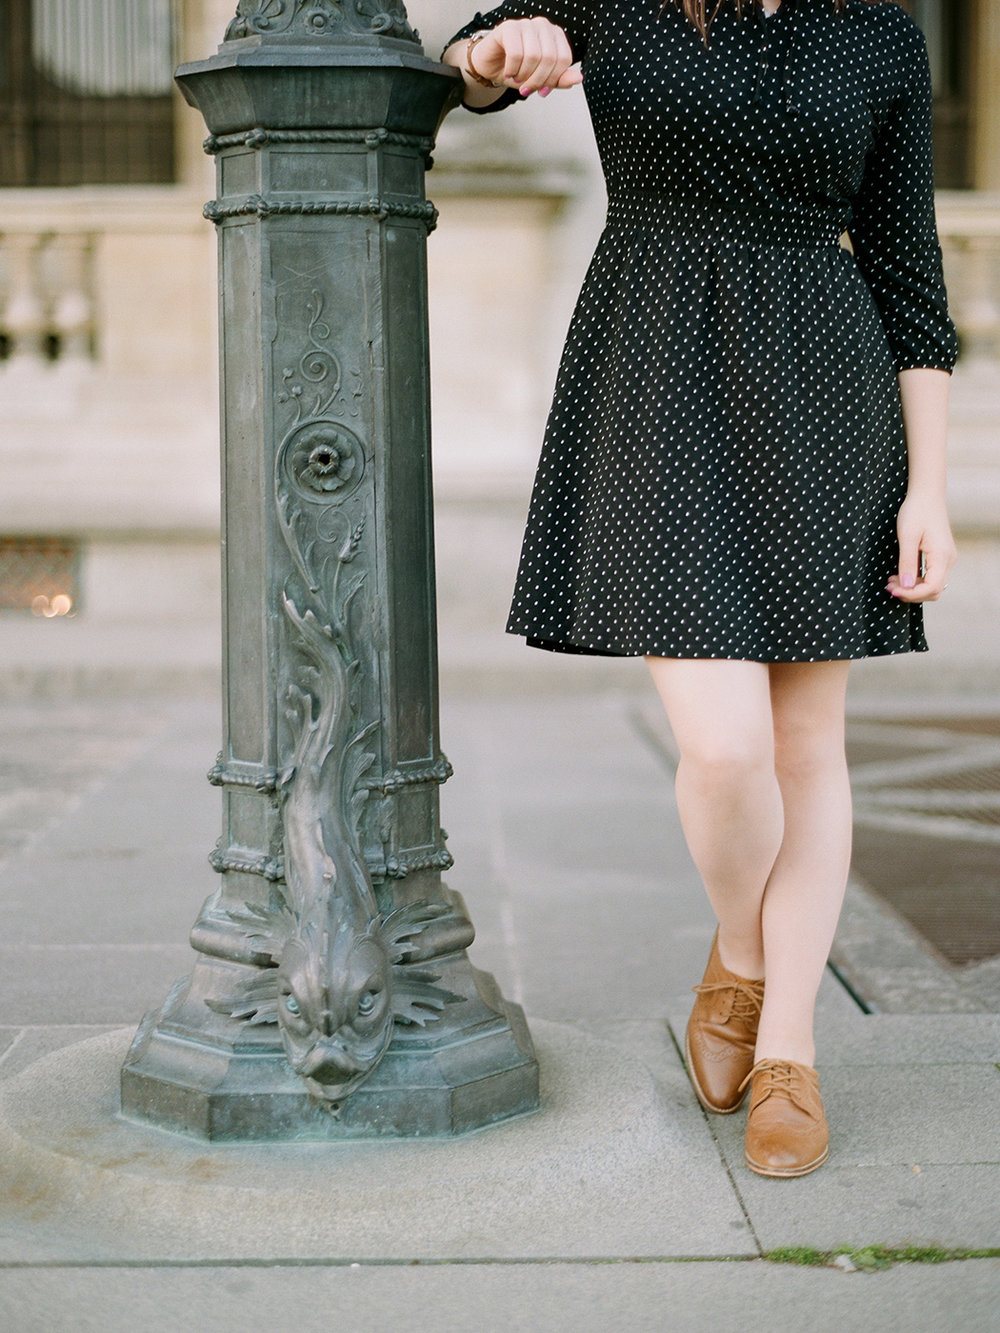 Paris | Louvre | Rensche Mari